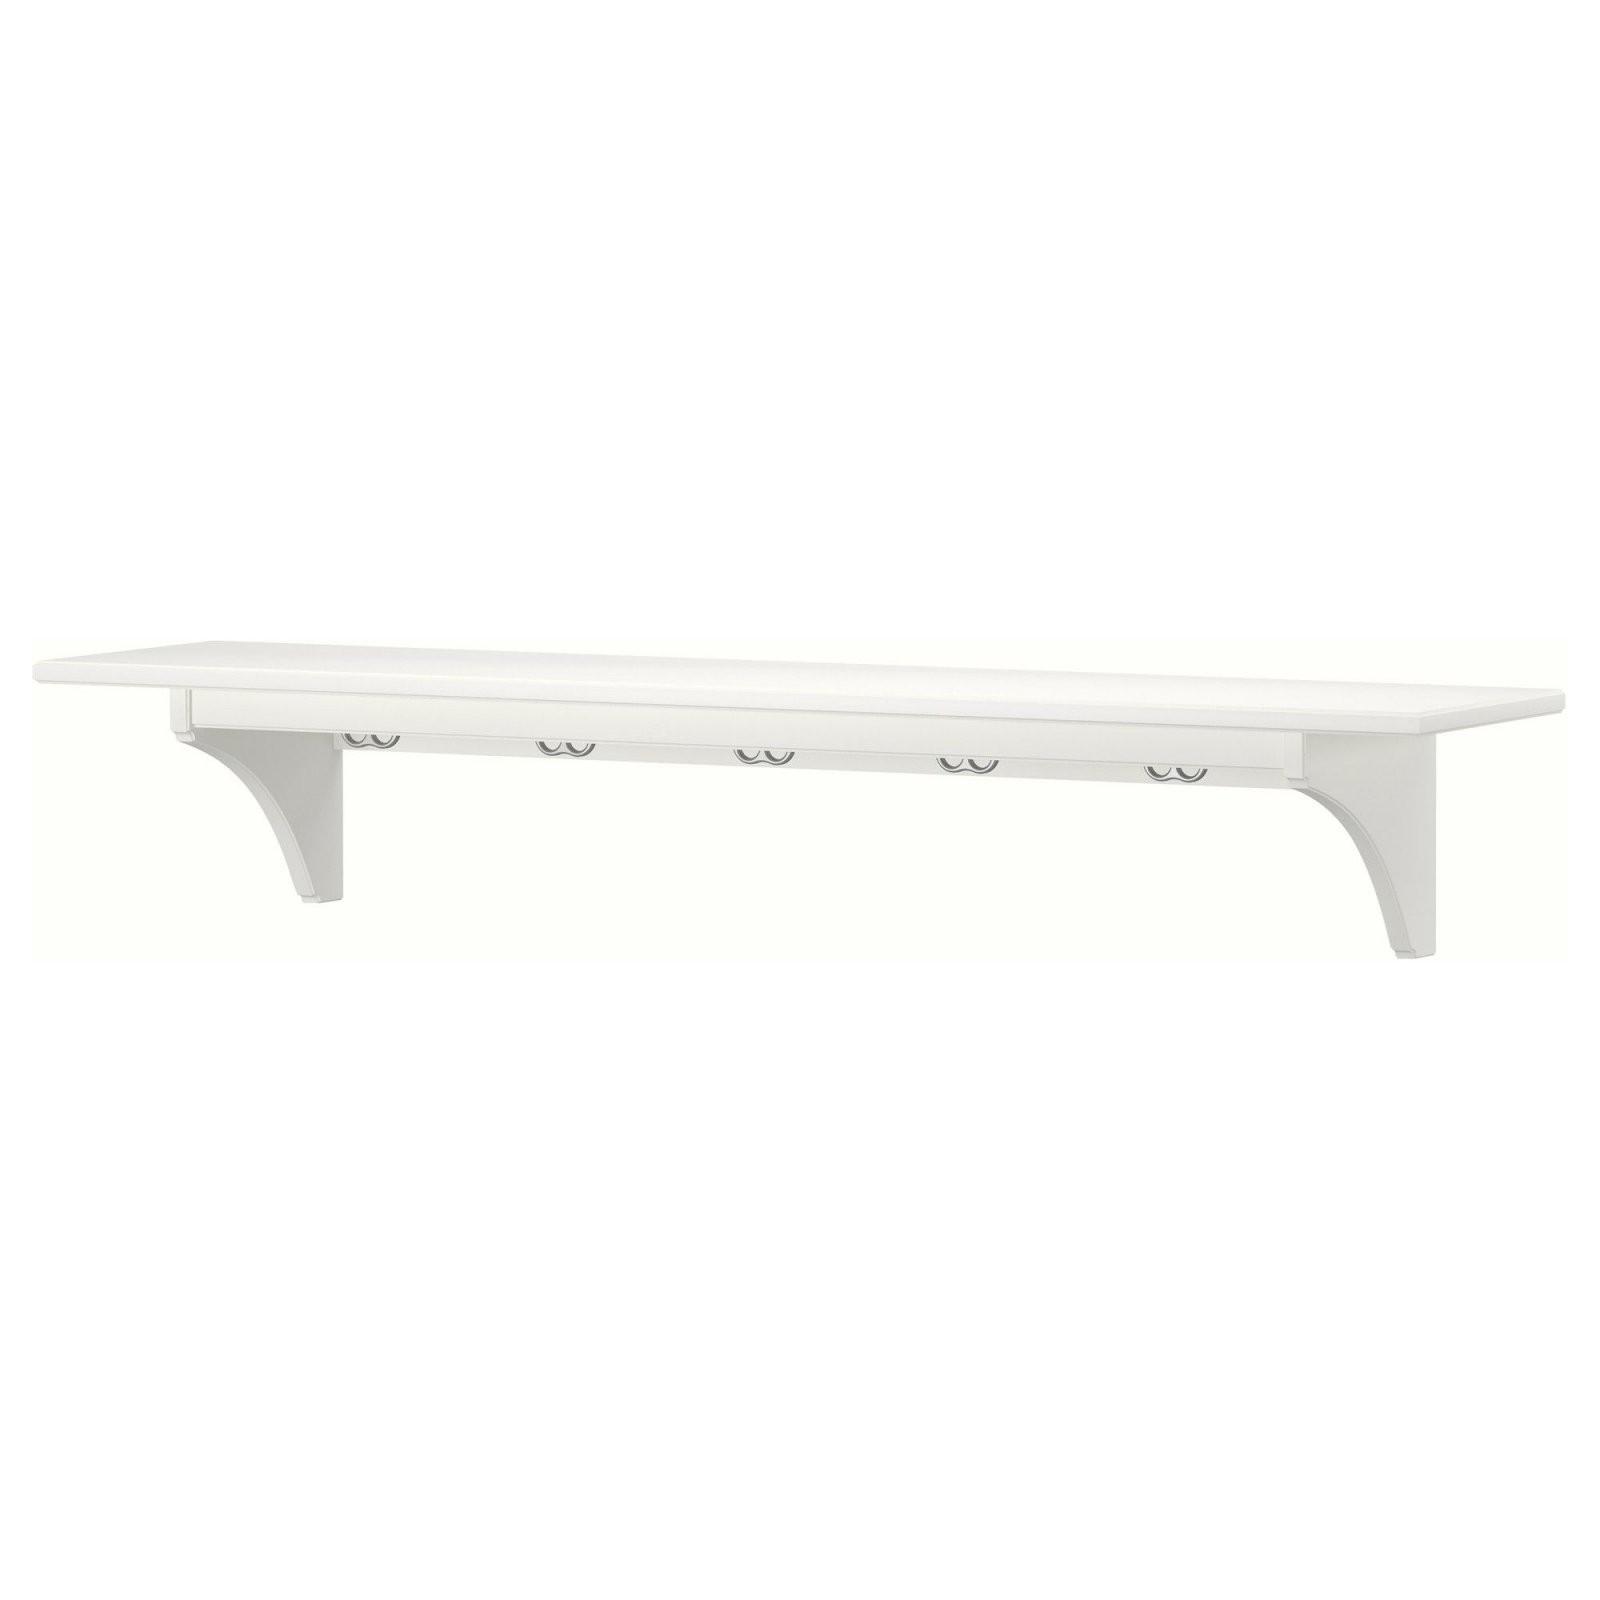 Möbel  Einrichtungsideen Für Dein Zuhause  Ideas For The Home von Ikea Wandregal Weiß Küche Bild